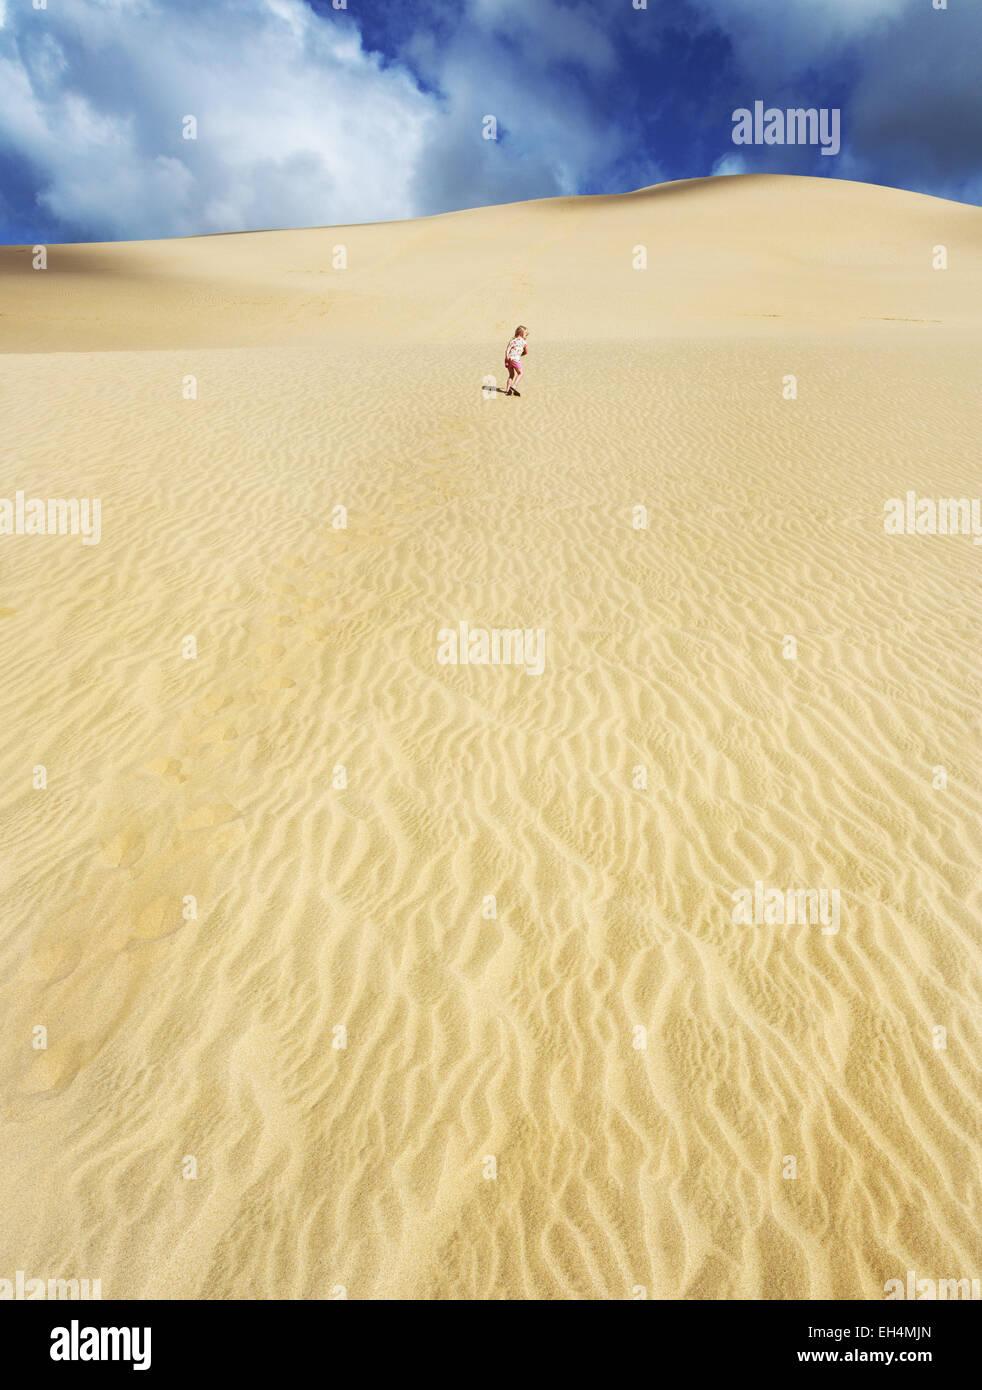 Girl running up Te Paki sand dune in New Zealand - Stock Image